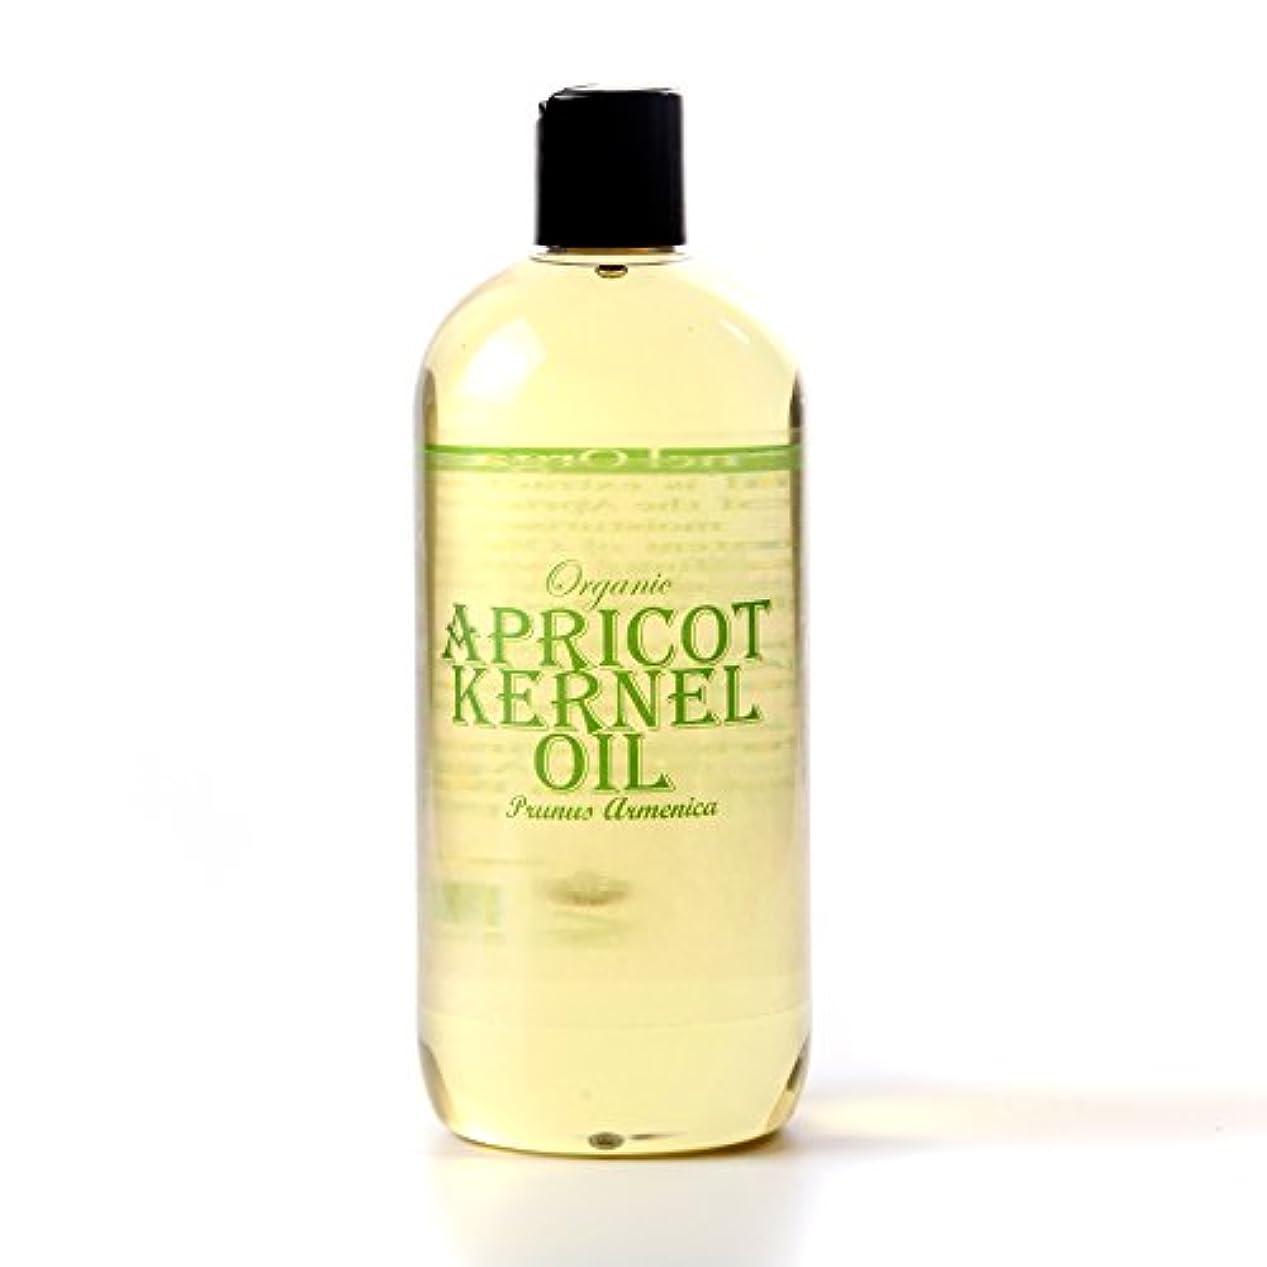 肘掛け椅子ロシア雄弁家Mystic Moments   Apricot Kernel Organic Carrier Oil - 500ml - 100% Pure